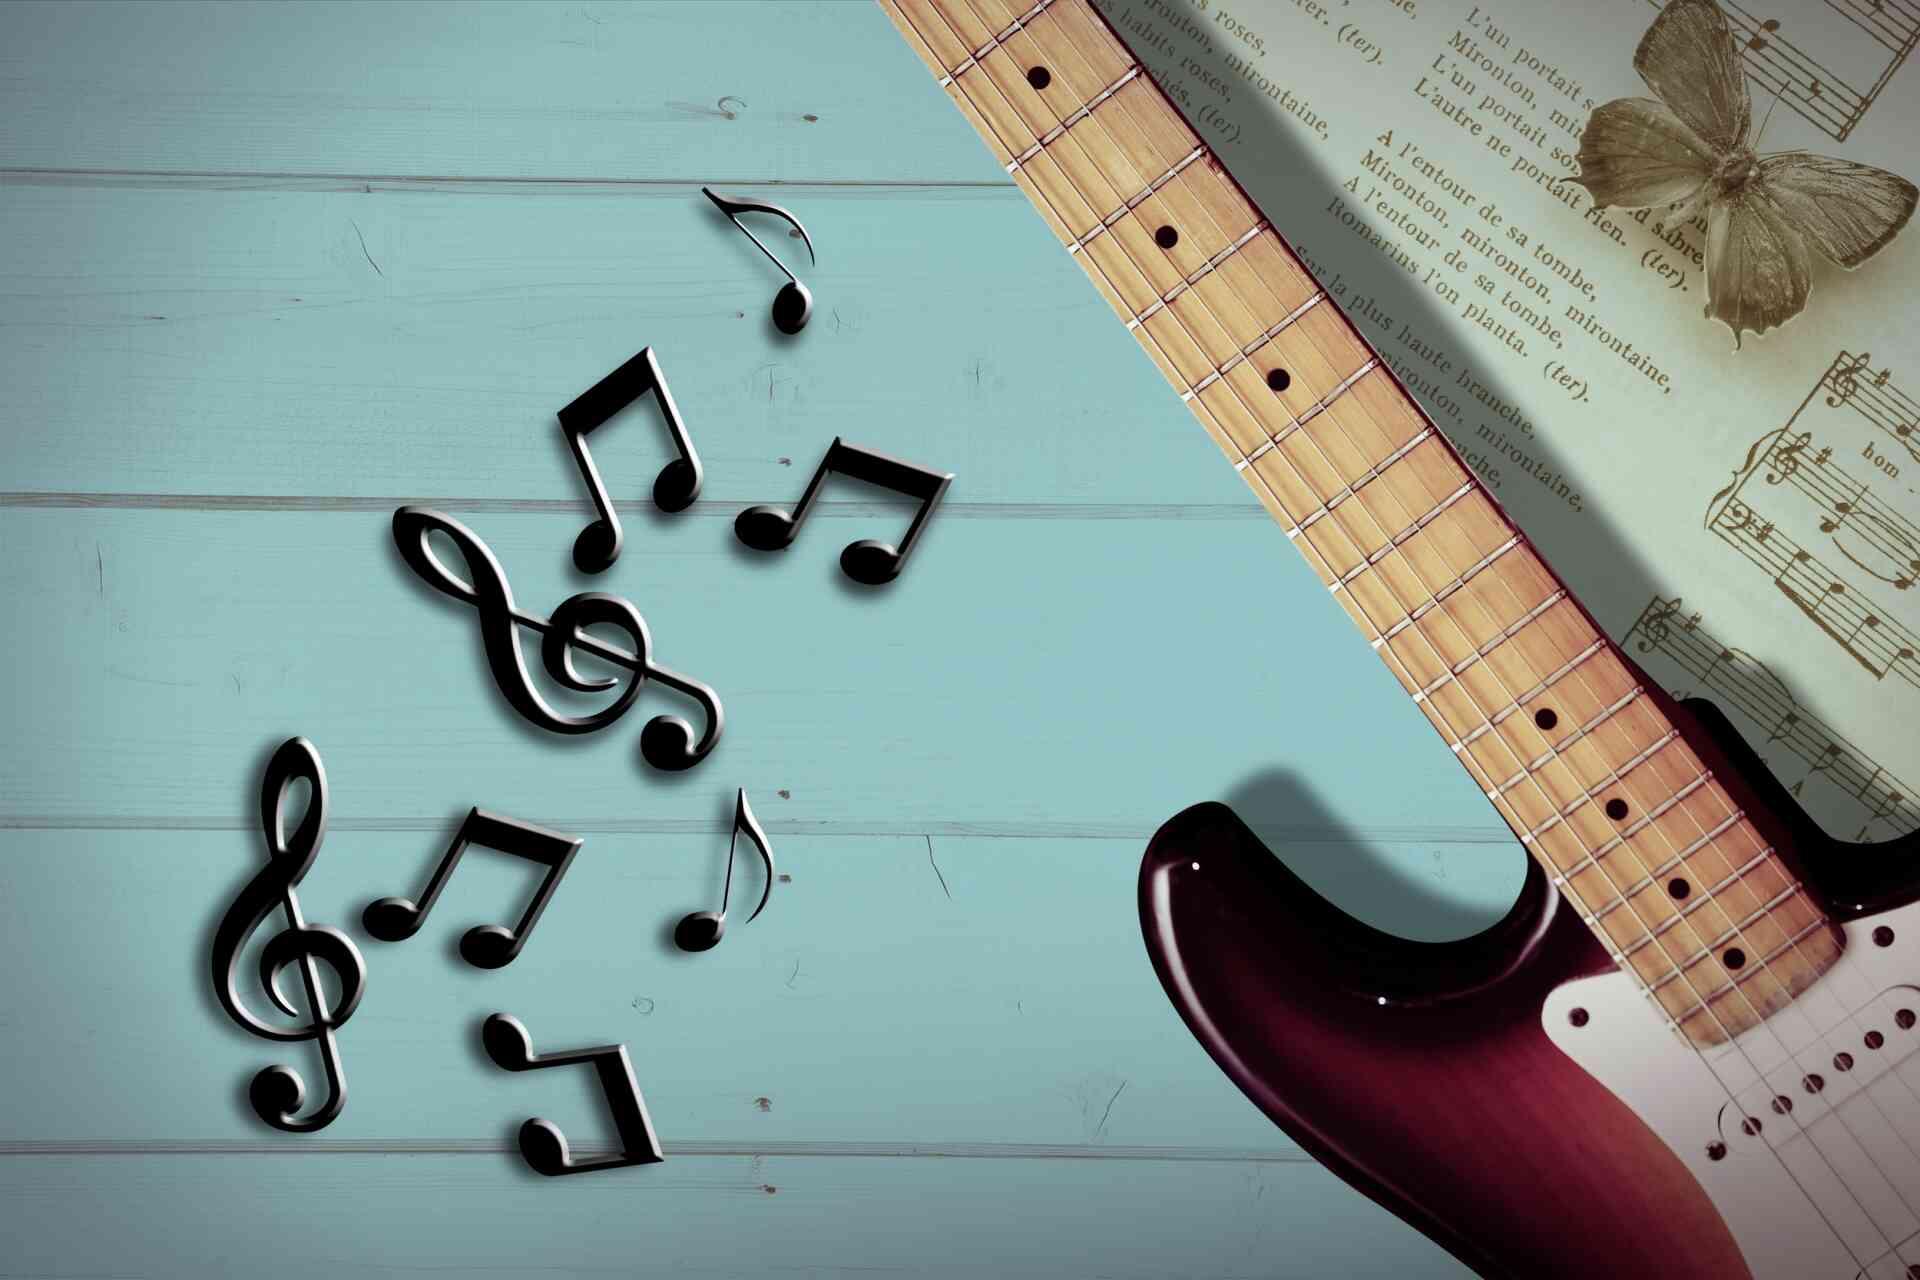 音楽の仕事について徹底解説!【6つの分野をご紹介】